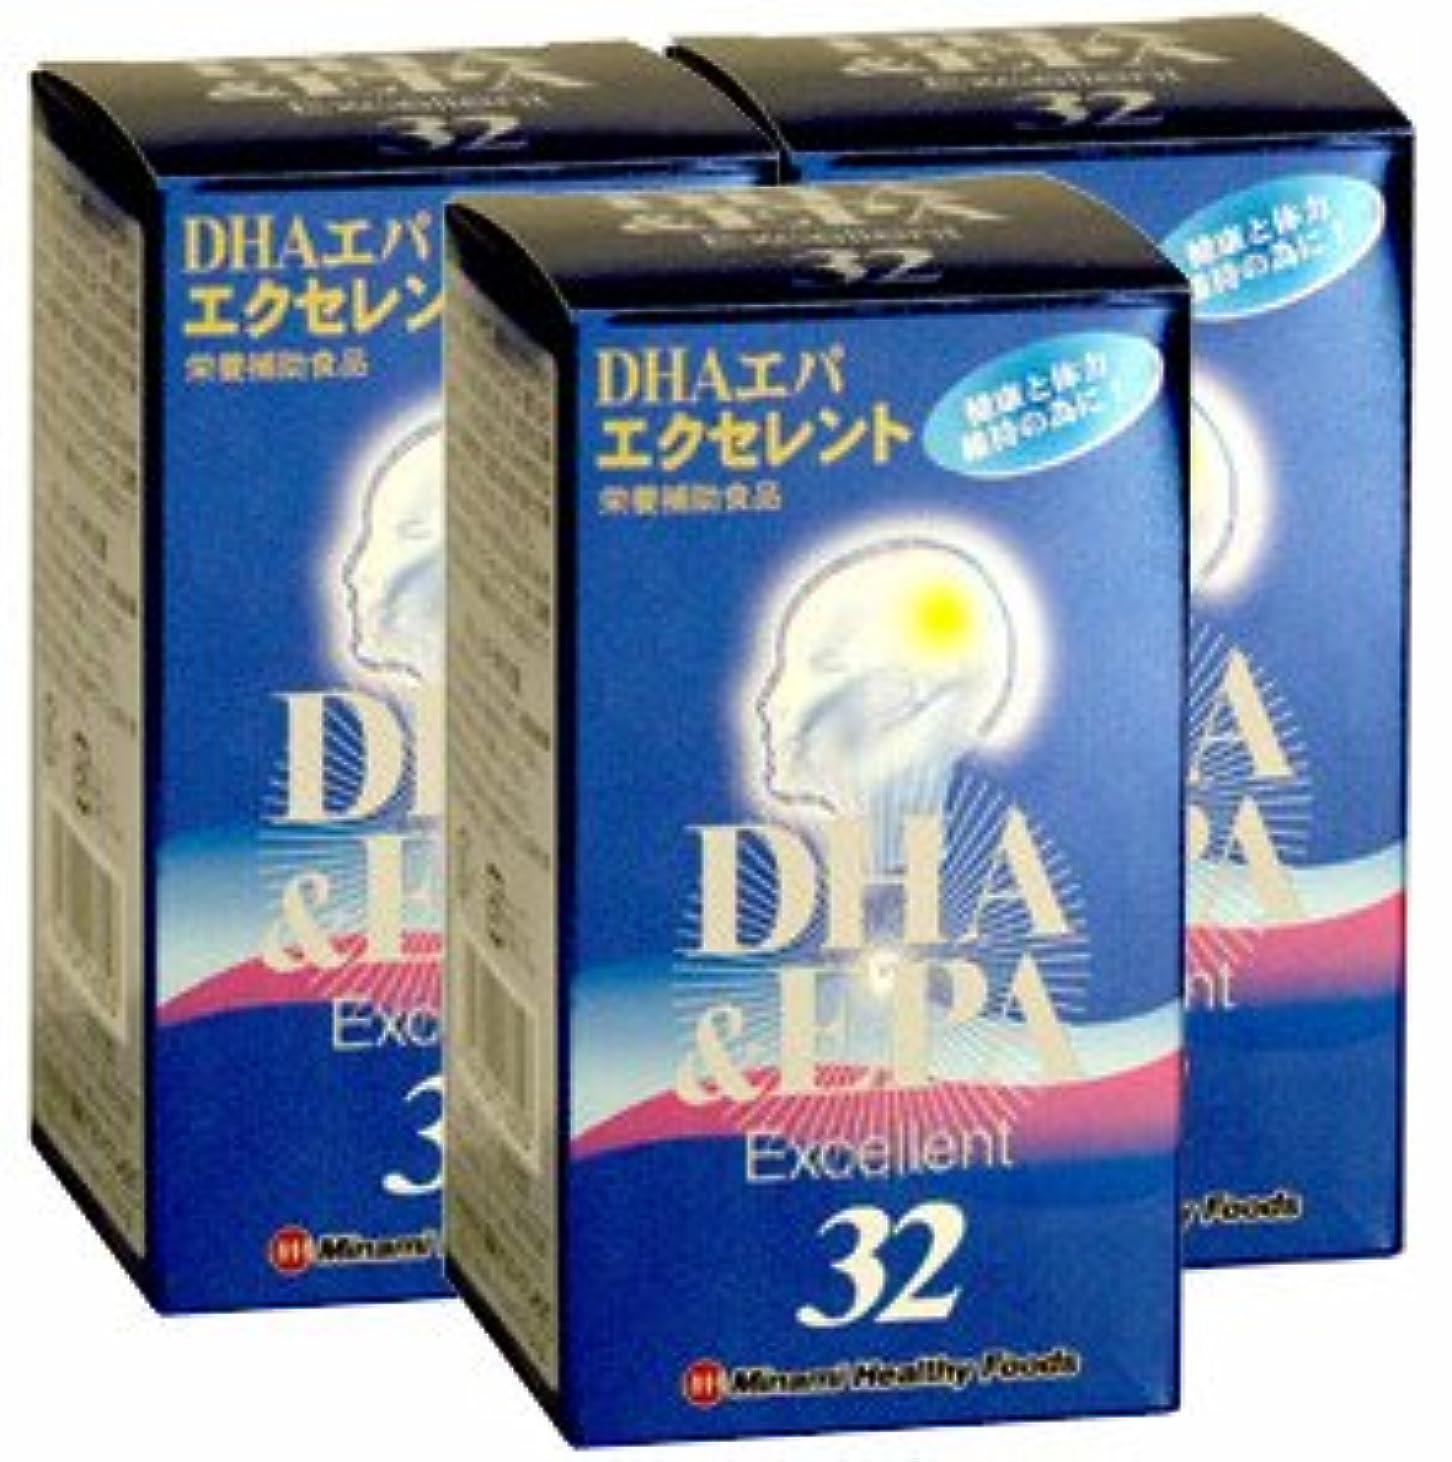 プレミア宿題予測子DHAエパエクセレント32【3本セット】ミナミヘルシーフーズ